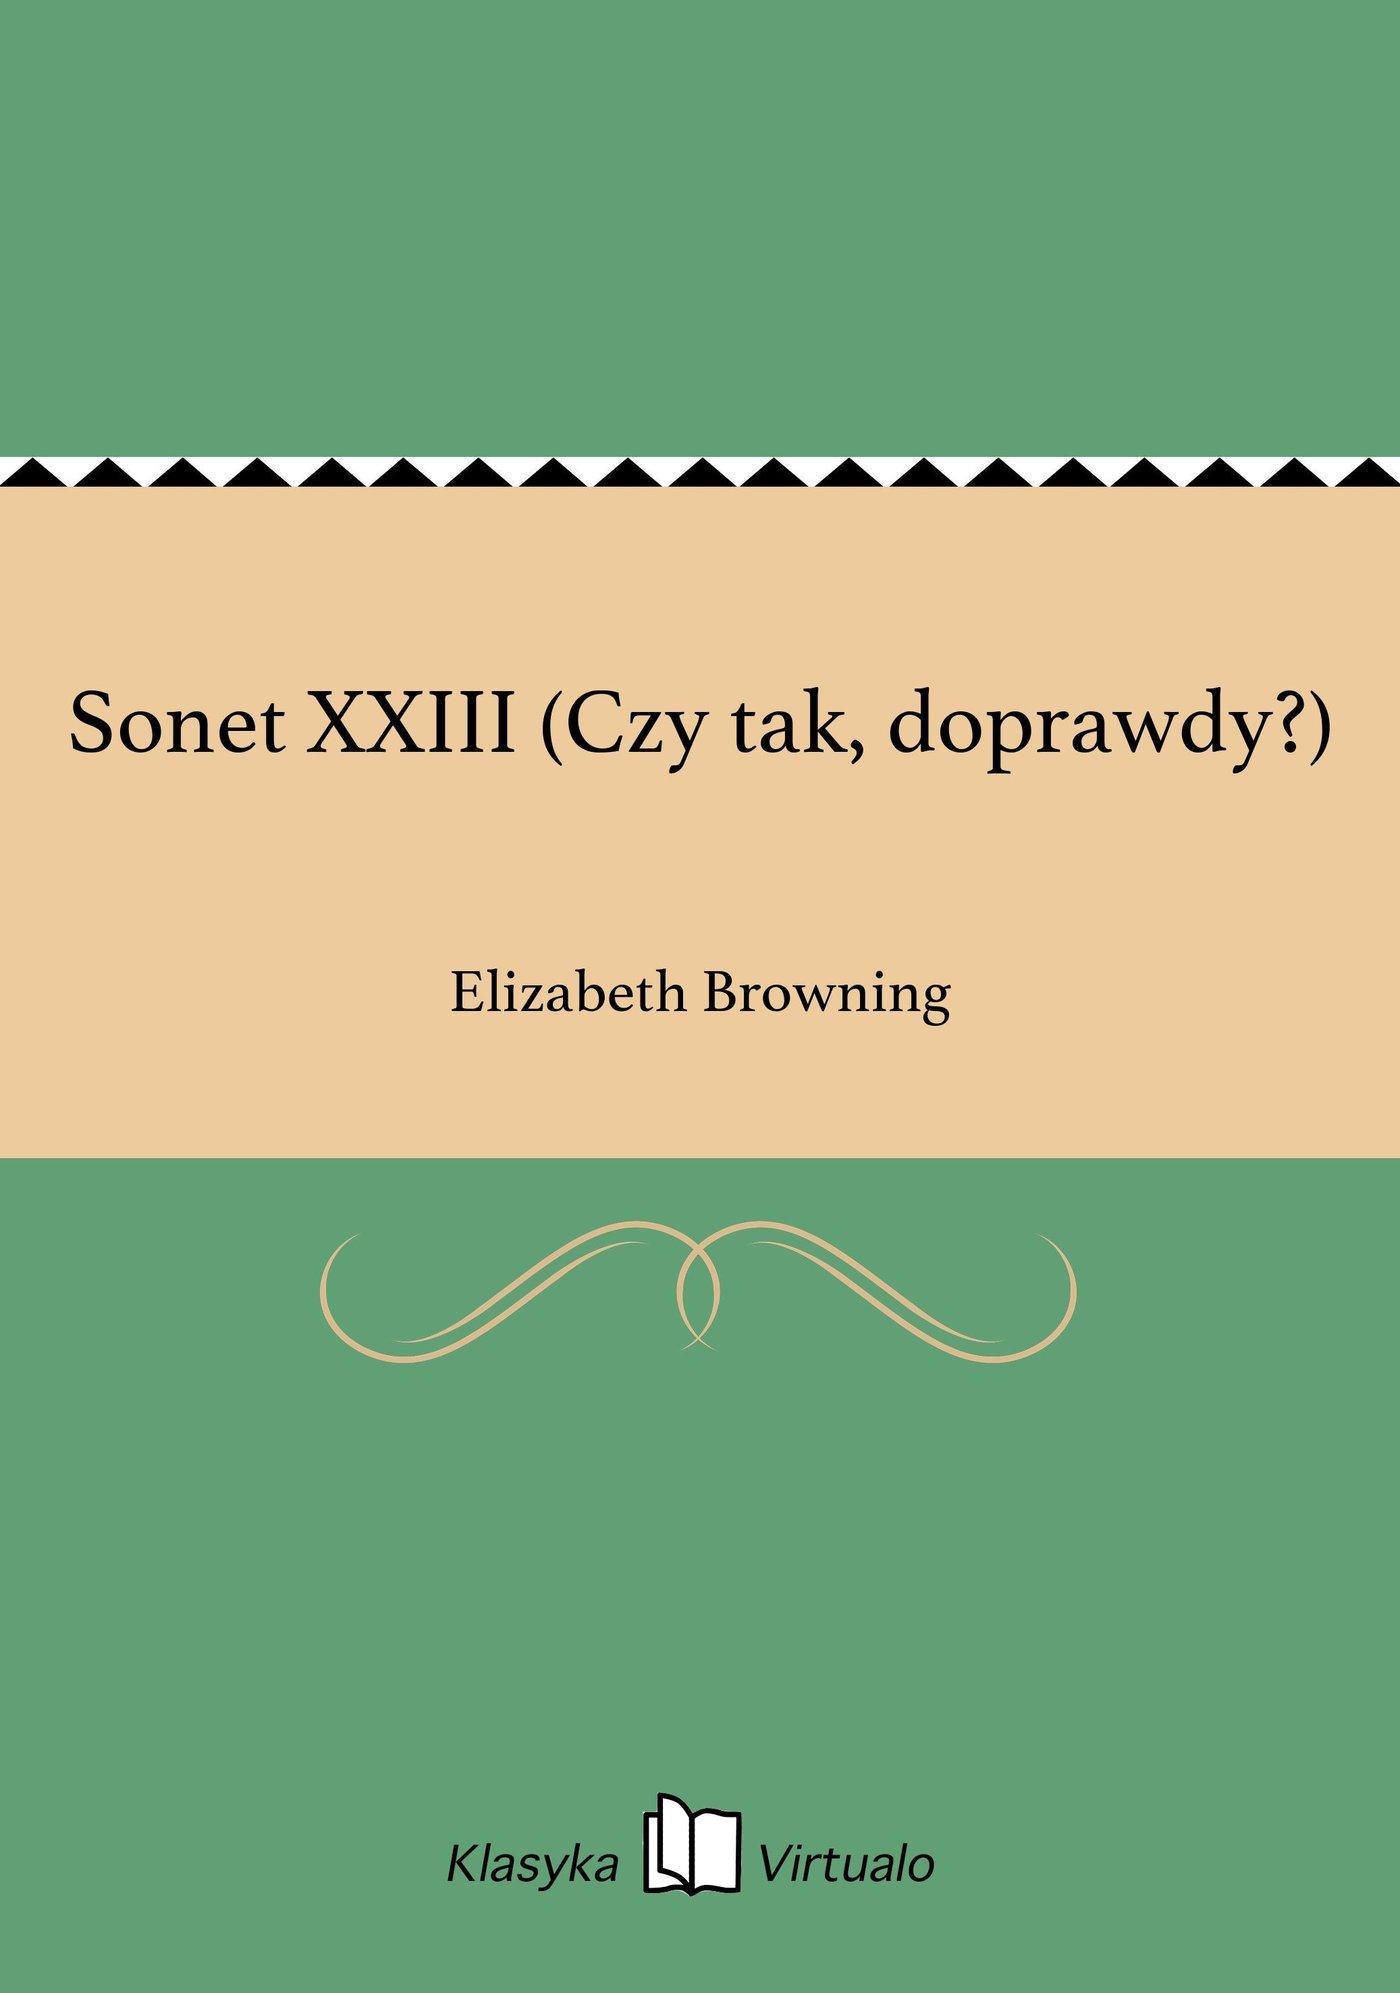 Sonet XXIII (Czy tak, doprawdy?) - Ebook (Książka EPUB) do pobrania w formacie EPUB